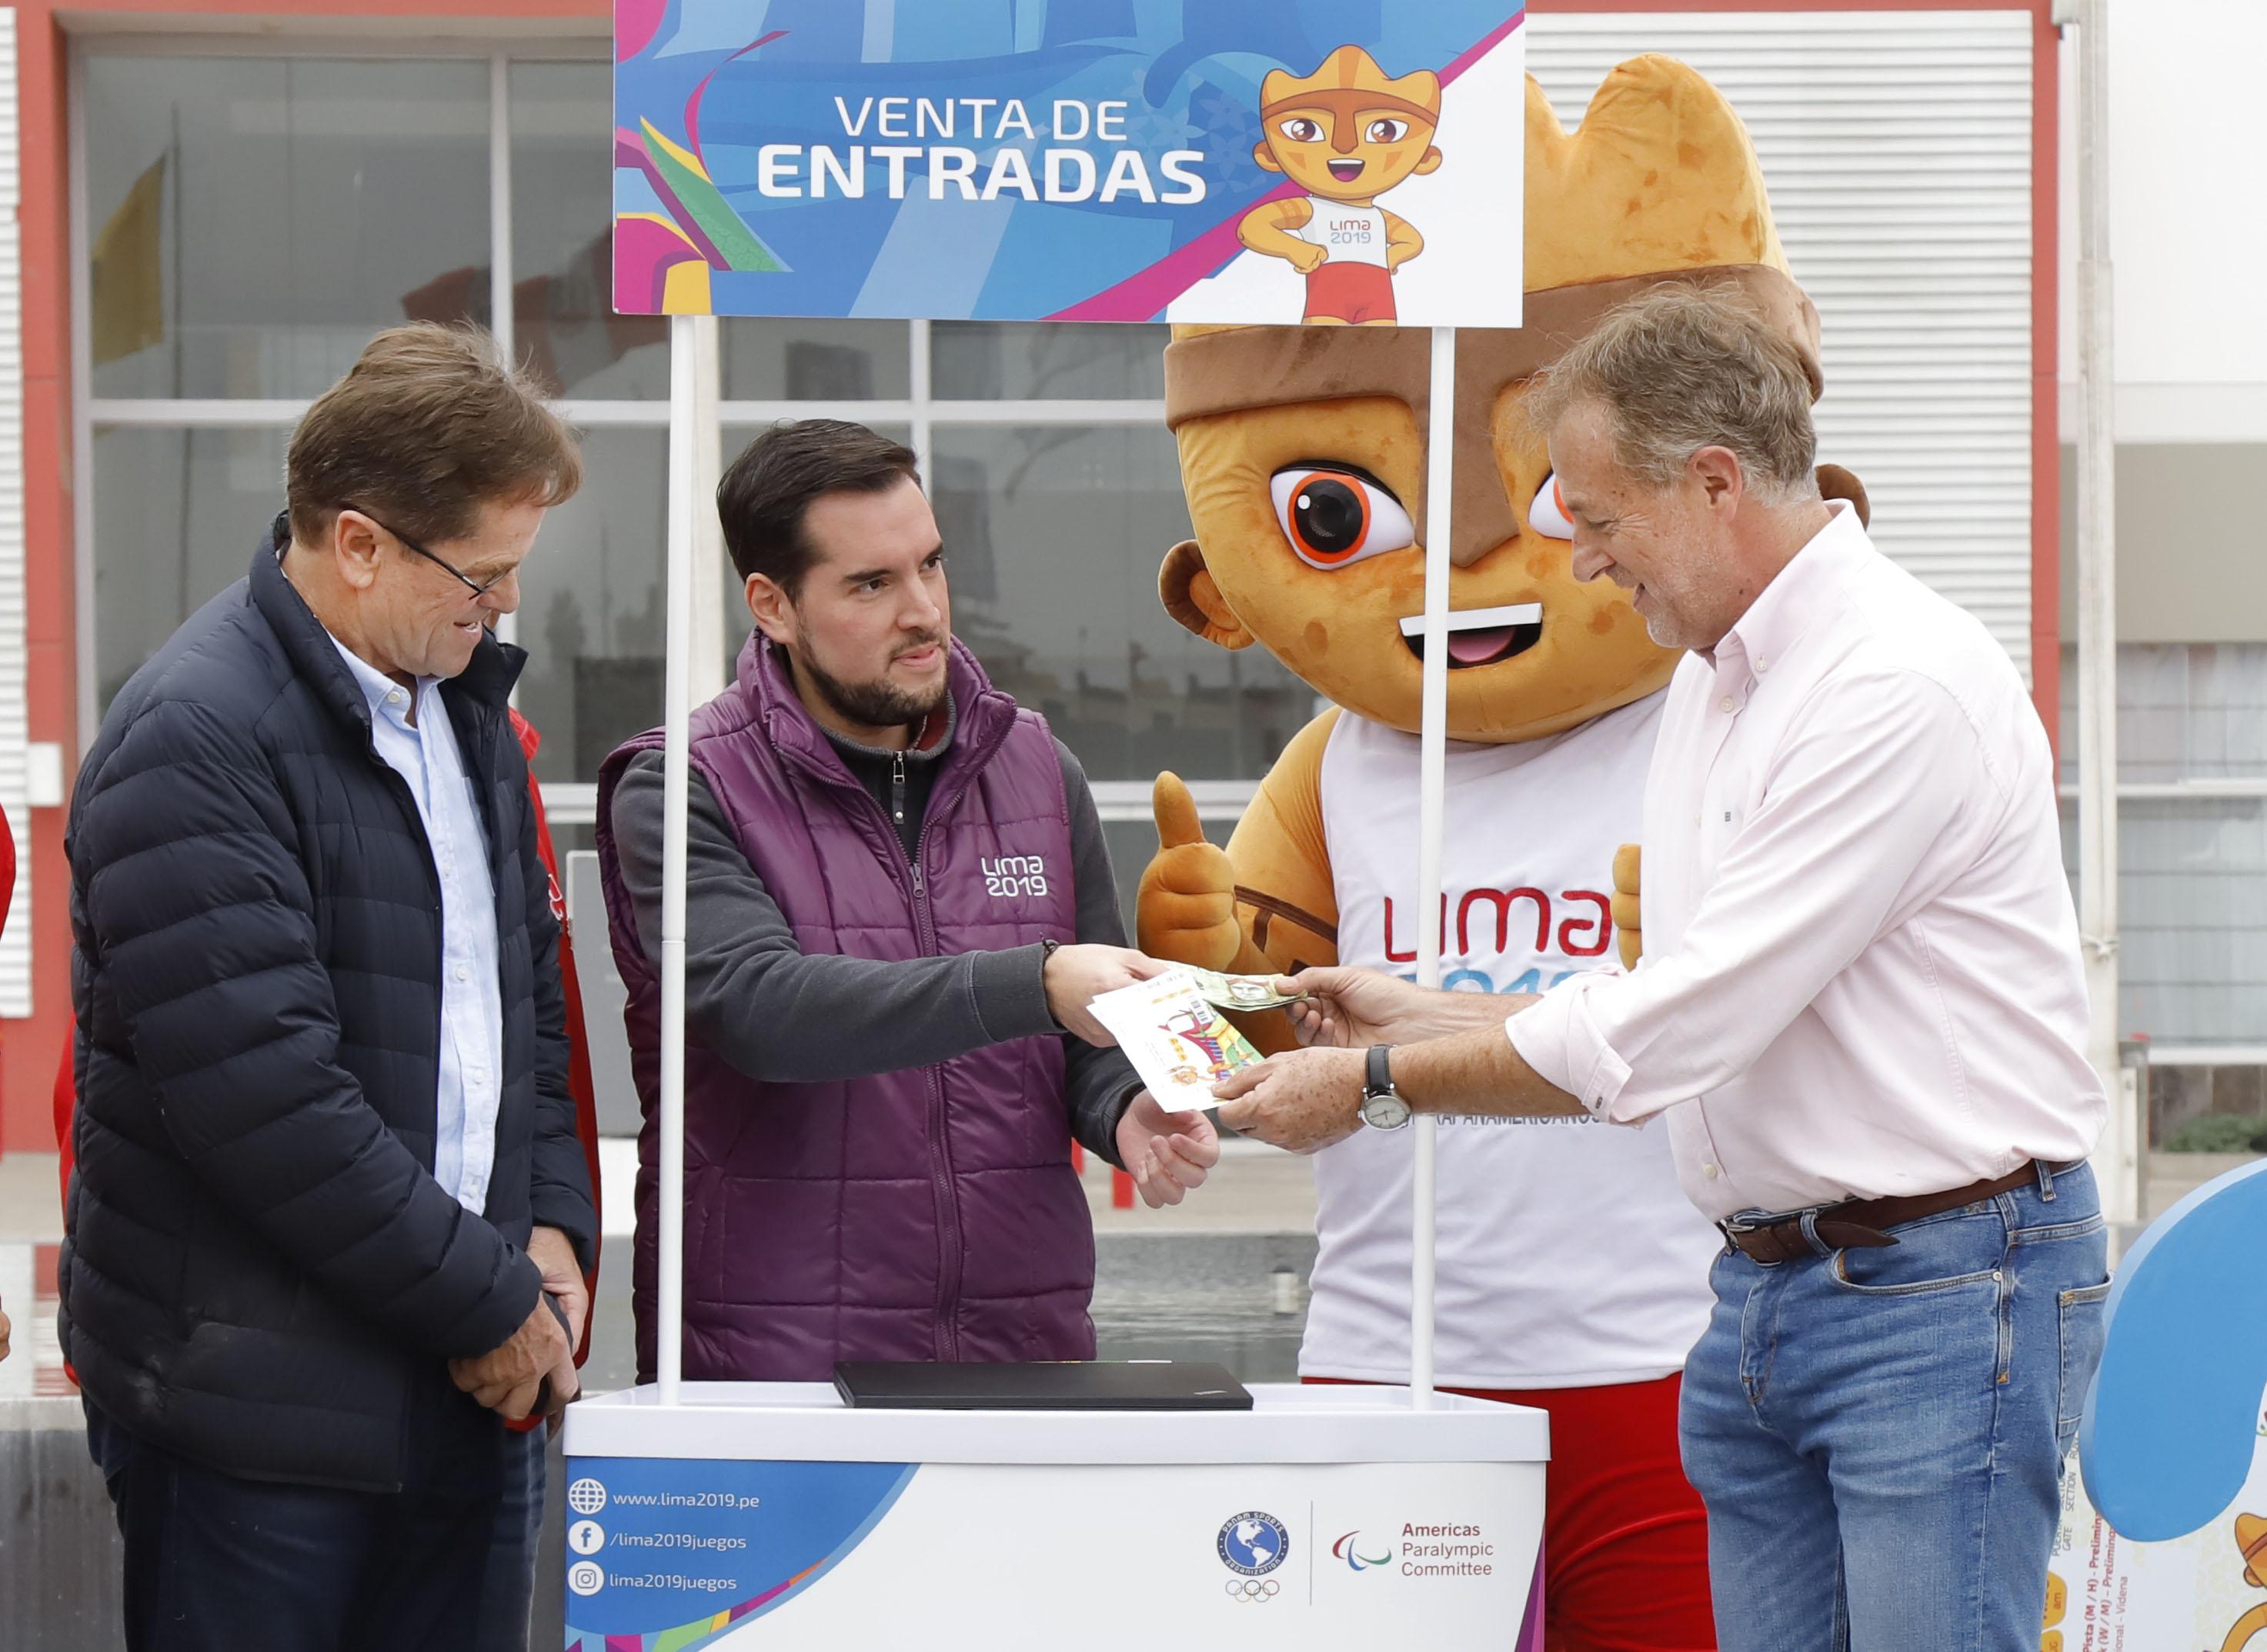 Ya tenemos fecha para el inicio de venta de entradas de los Juegos Parapanamericanos 2019